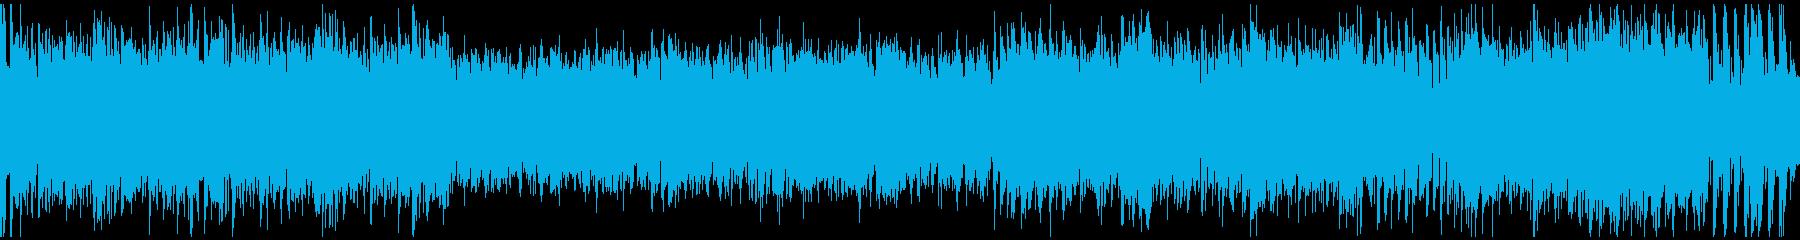 草原を駆け抜ける戦闘曲(ループ)の再生済みの波形